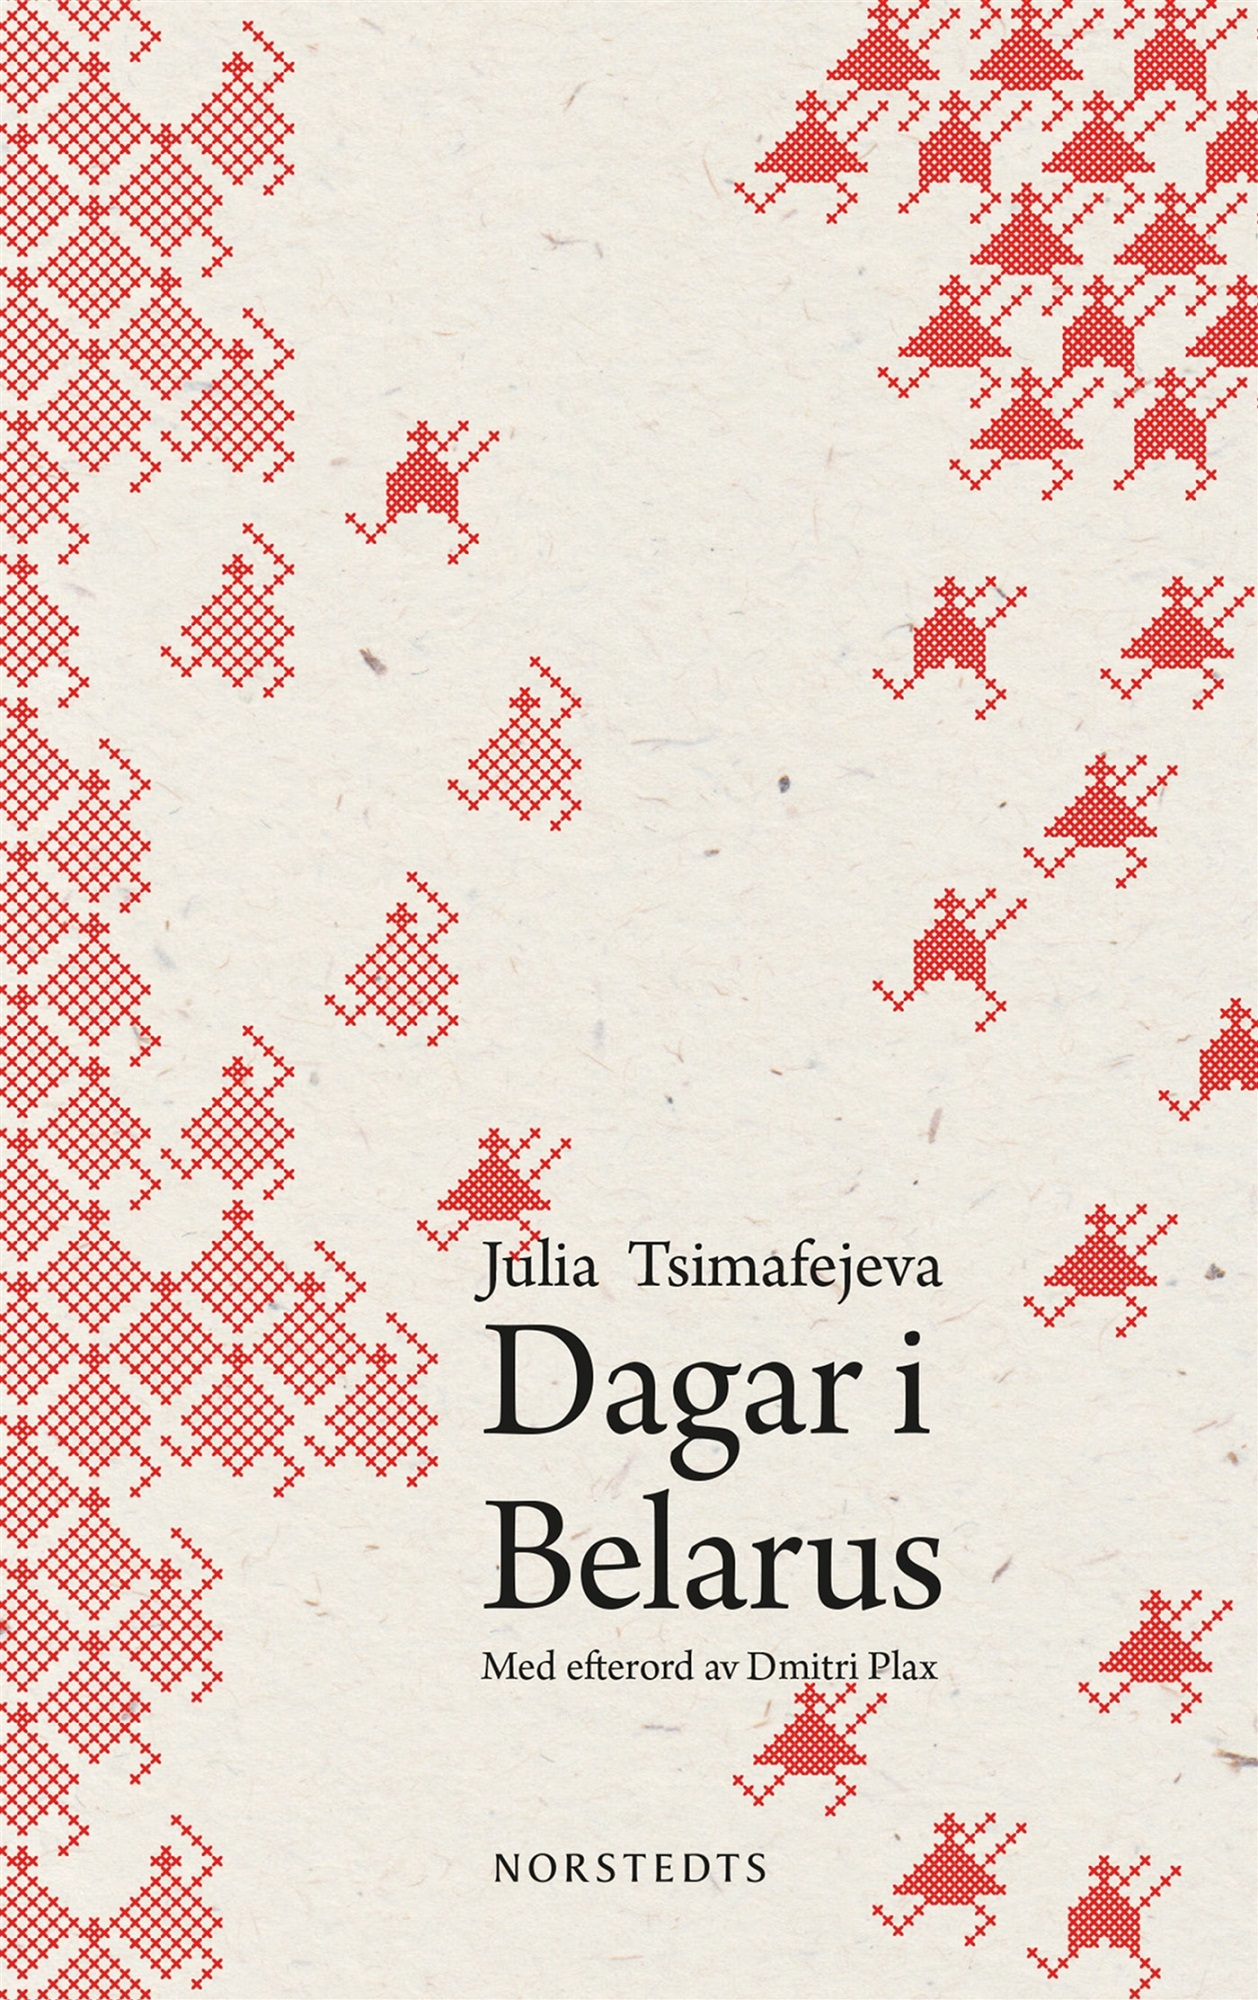 Dagar i Belarus av Julia Tsimafejeva